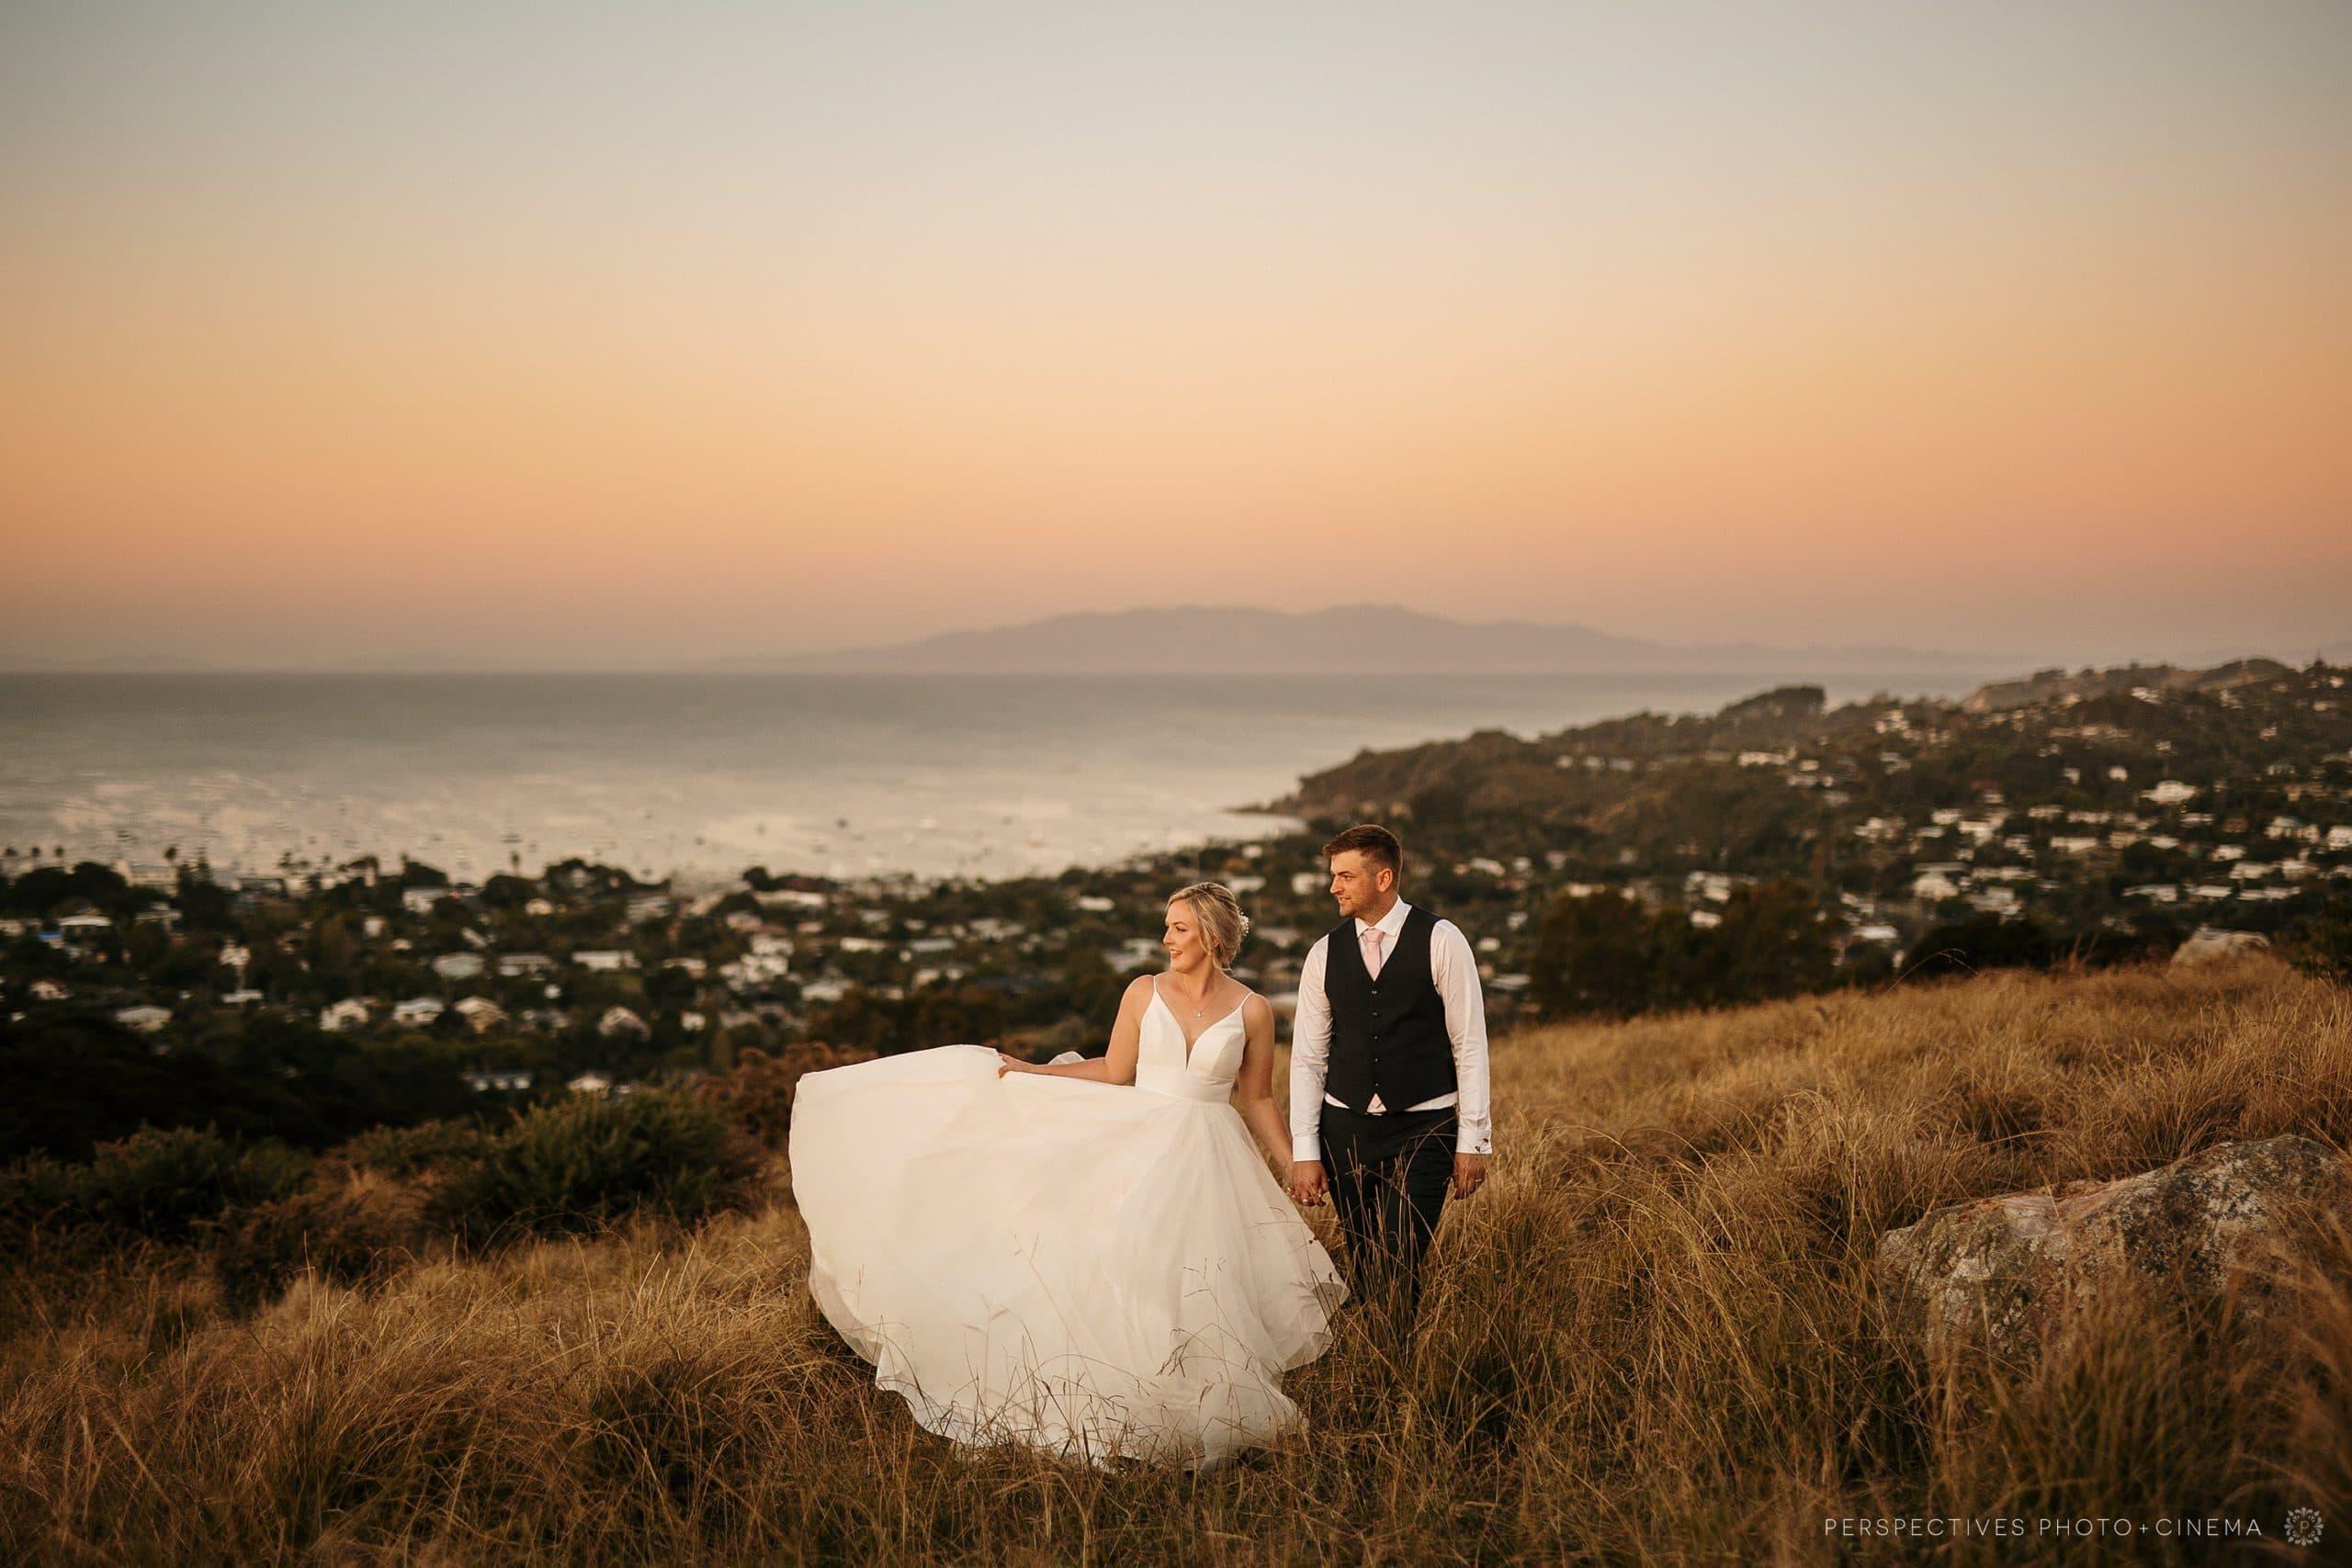 Mudbrick wedding